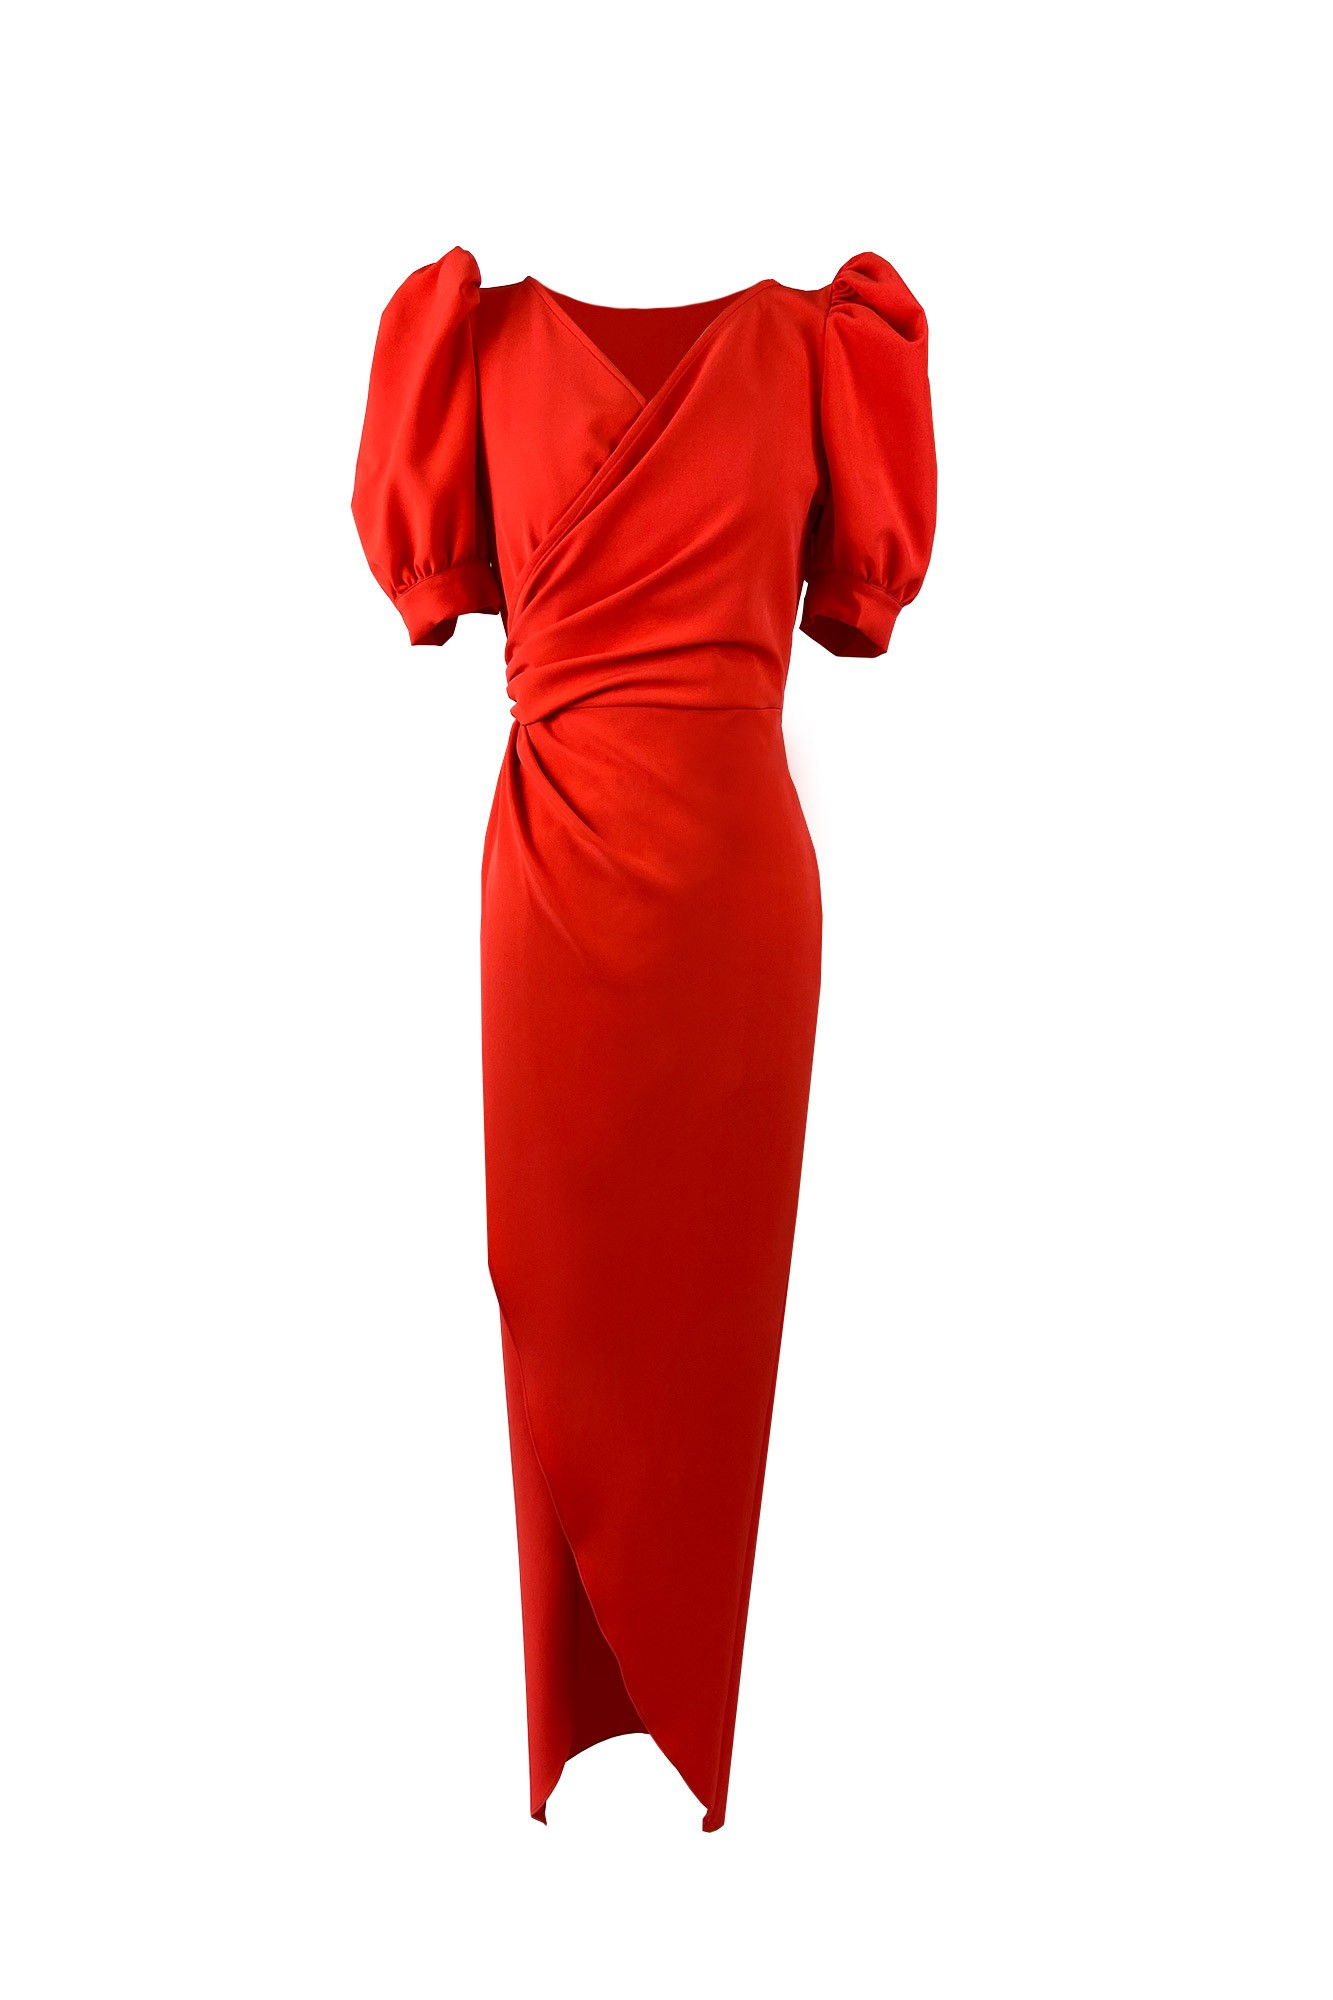 DAIMONIA DRESS